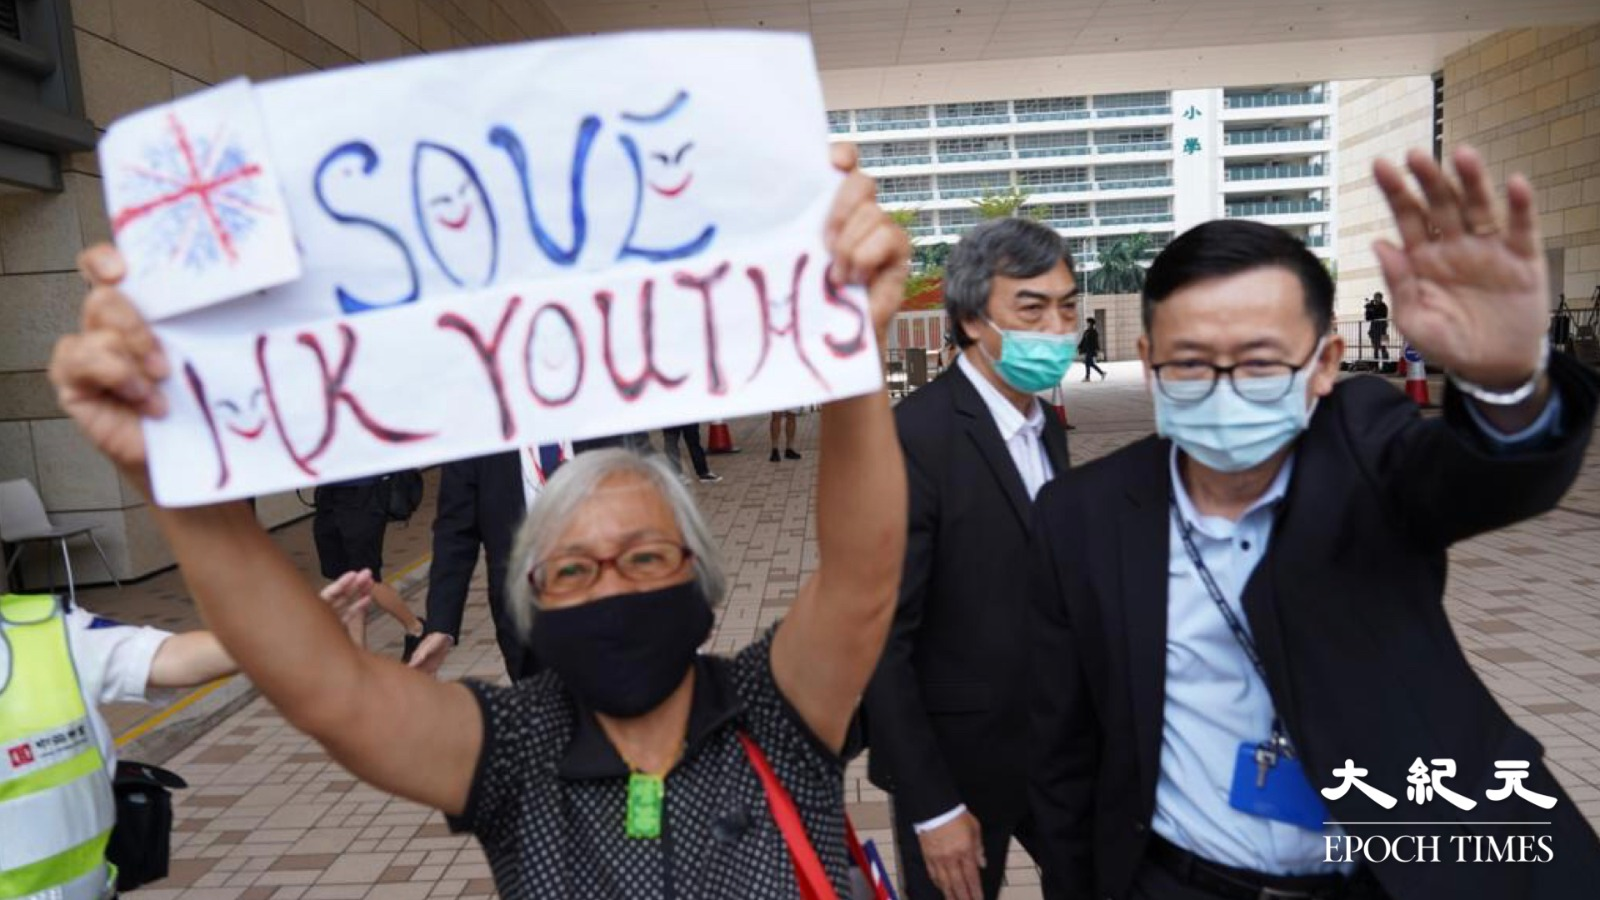 法院裁定鍾翰林不准保釋,押後案件至2021年1月7日再提訊,「王婆婆」王鳳瑤到場聲援被控人士。(余鋼/大紀元)